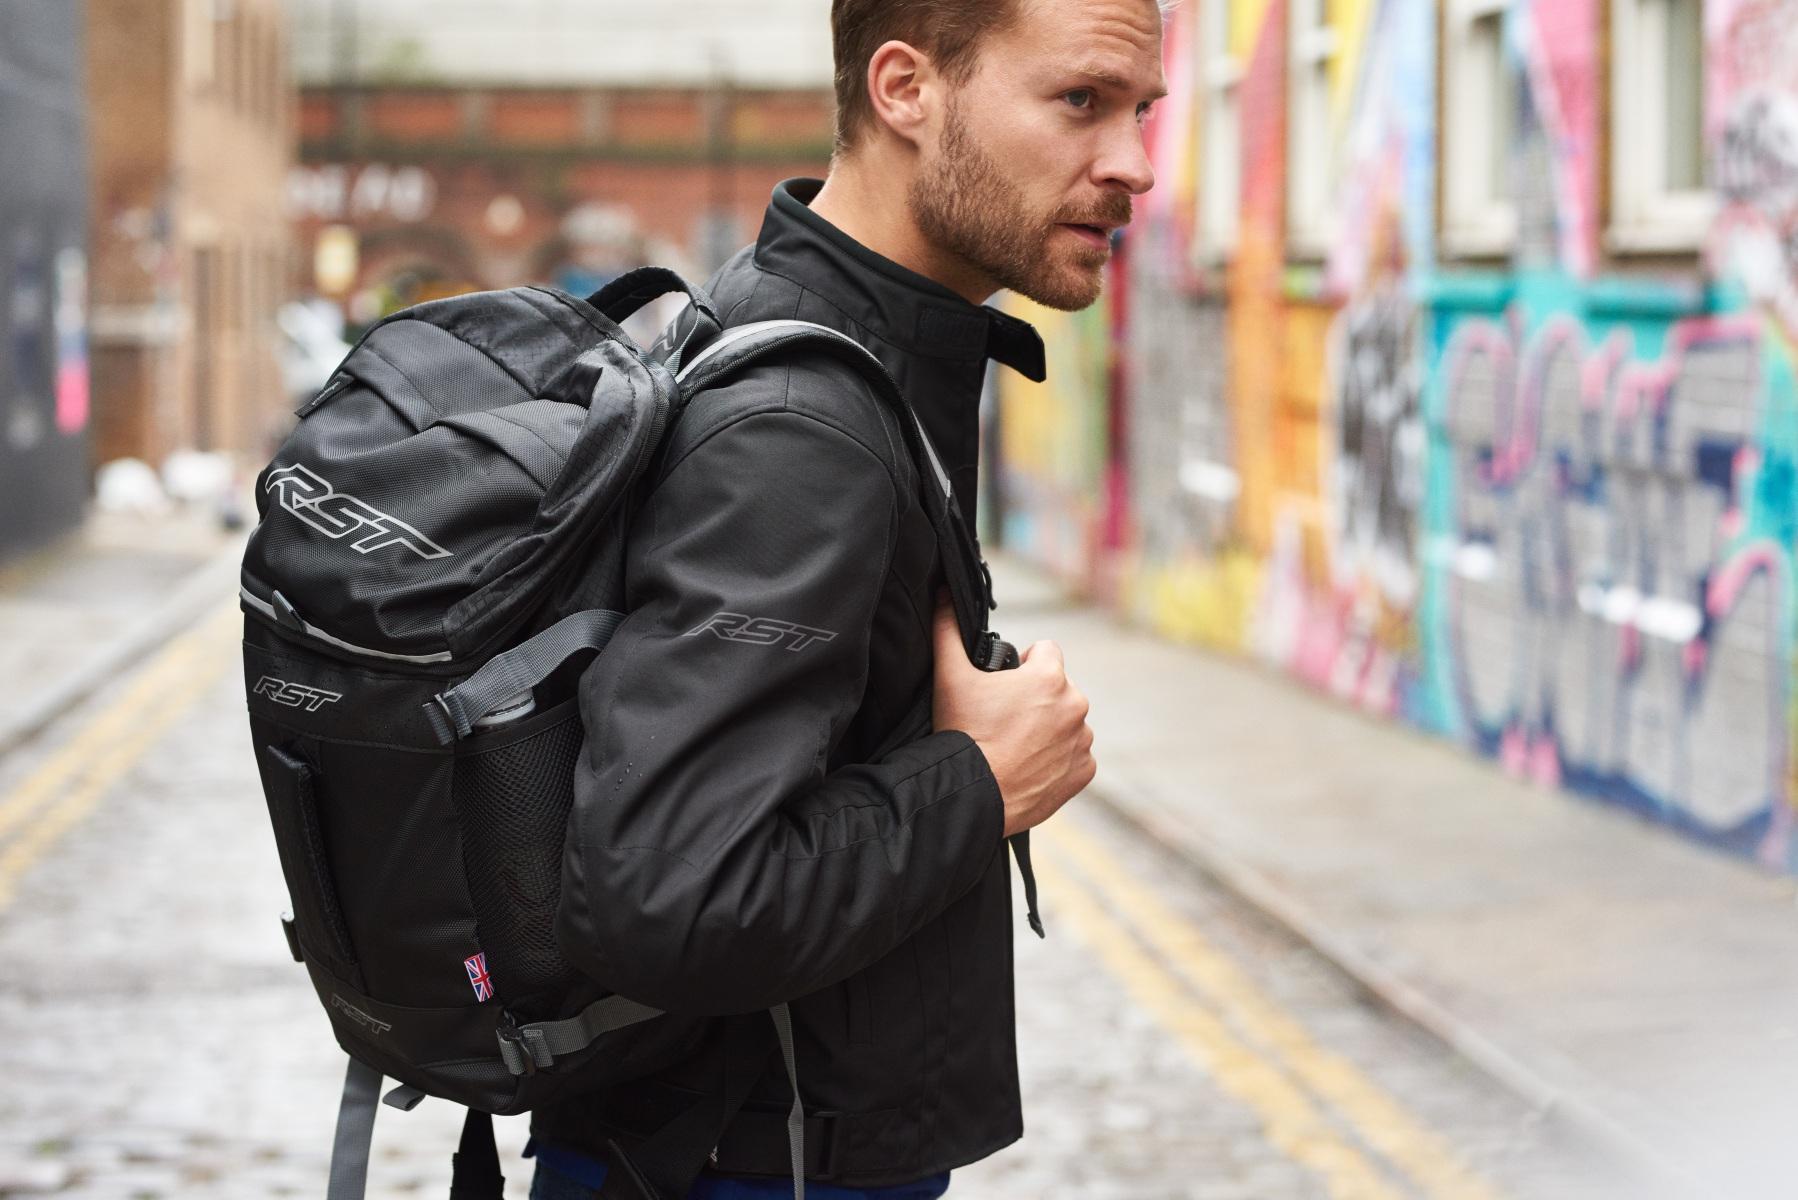 102478-rst-rider-dark-textile-jacket-black-lifestyle-01